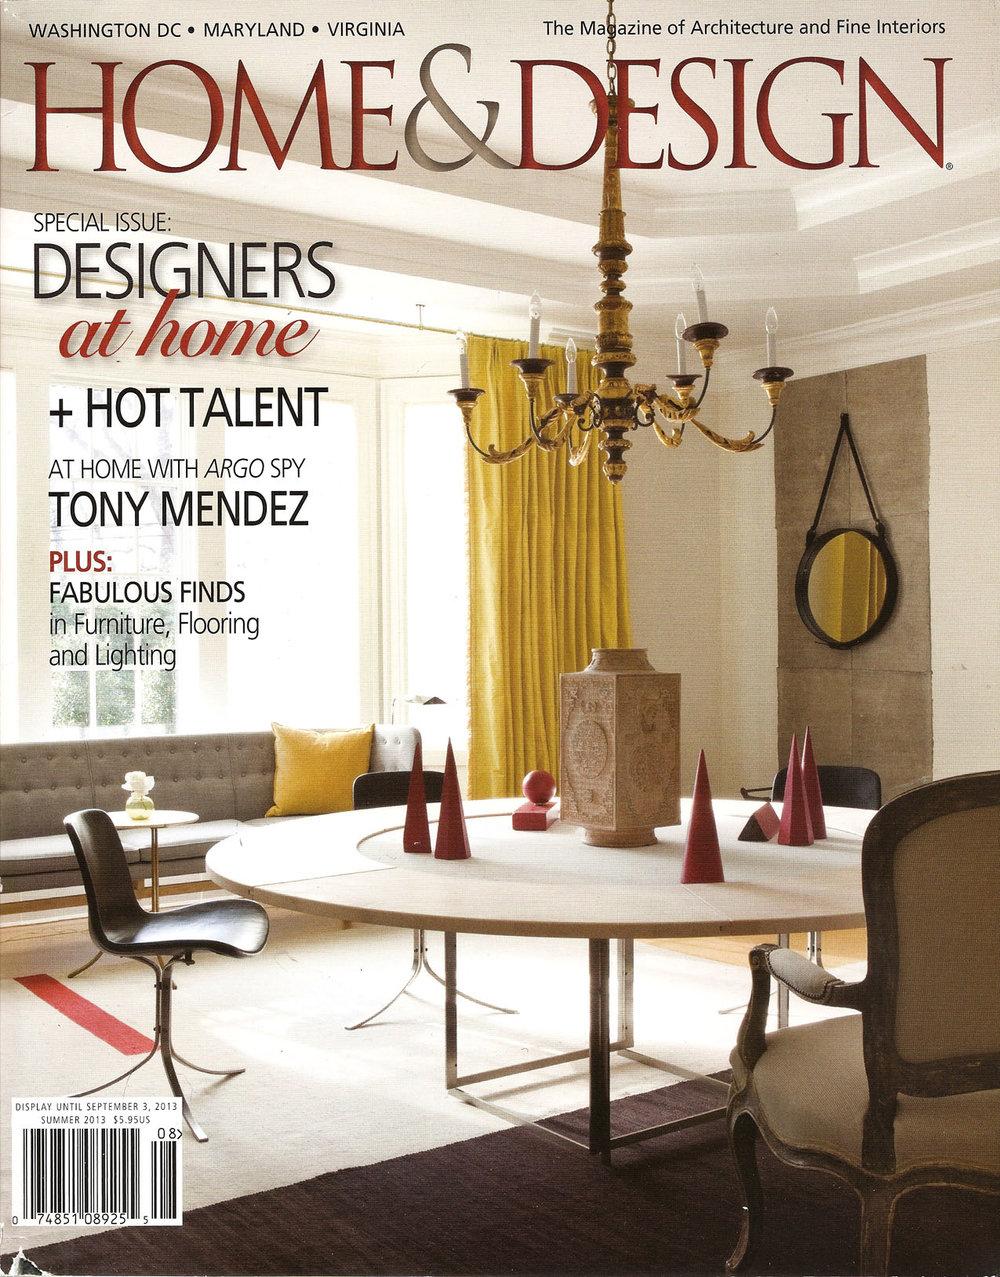 HomeDesign_Summer2013_cover.jpg